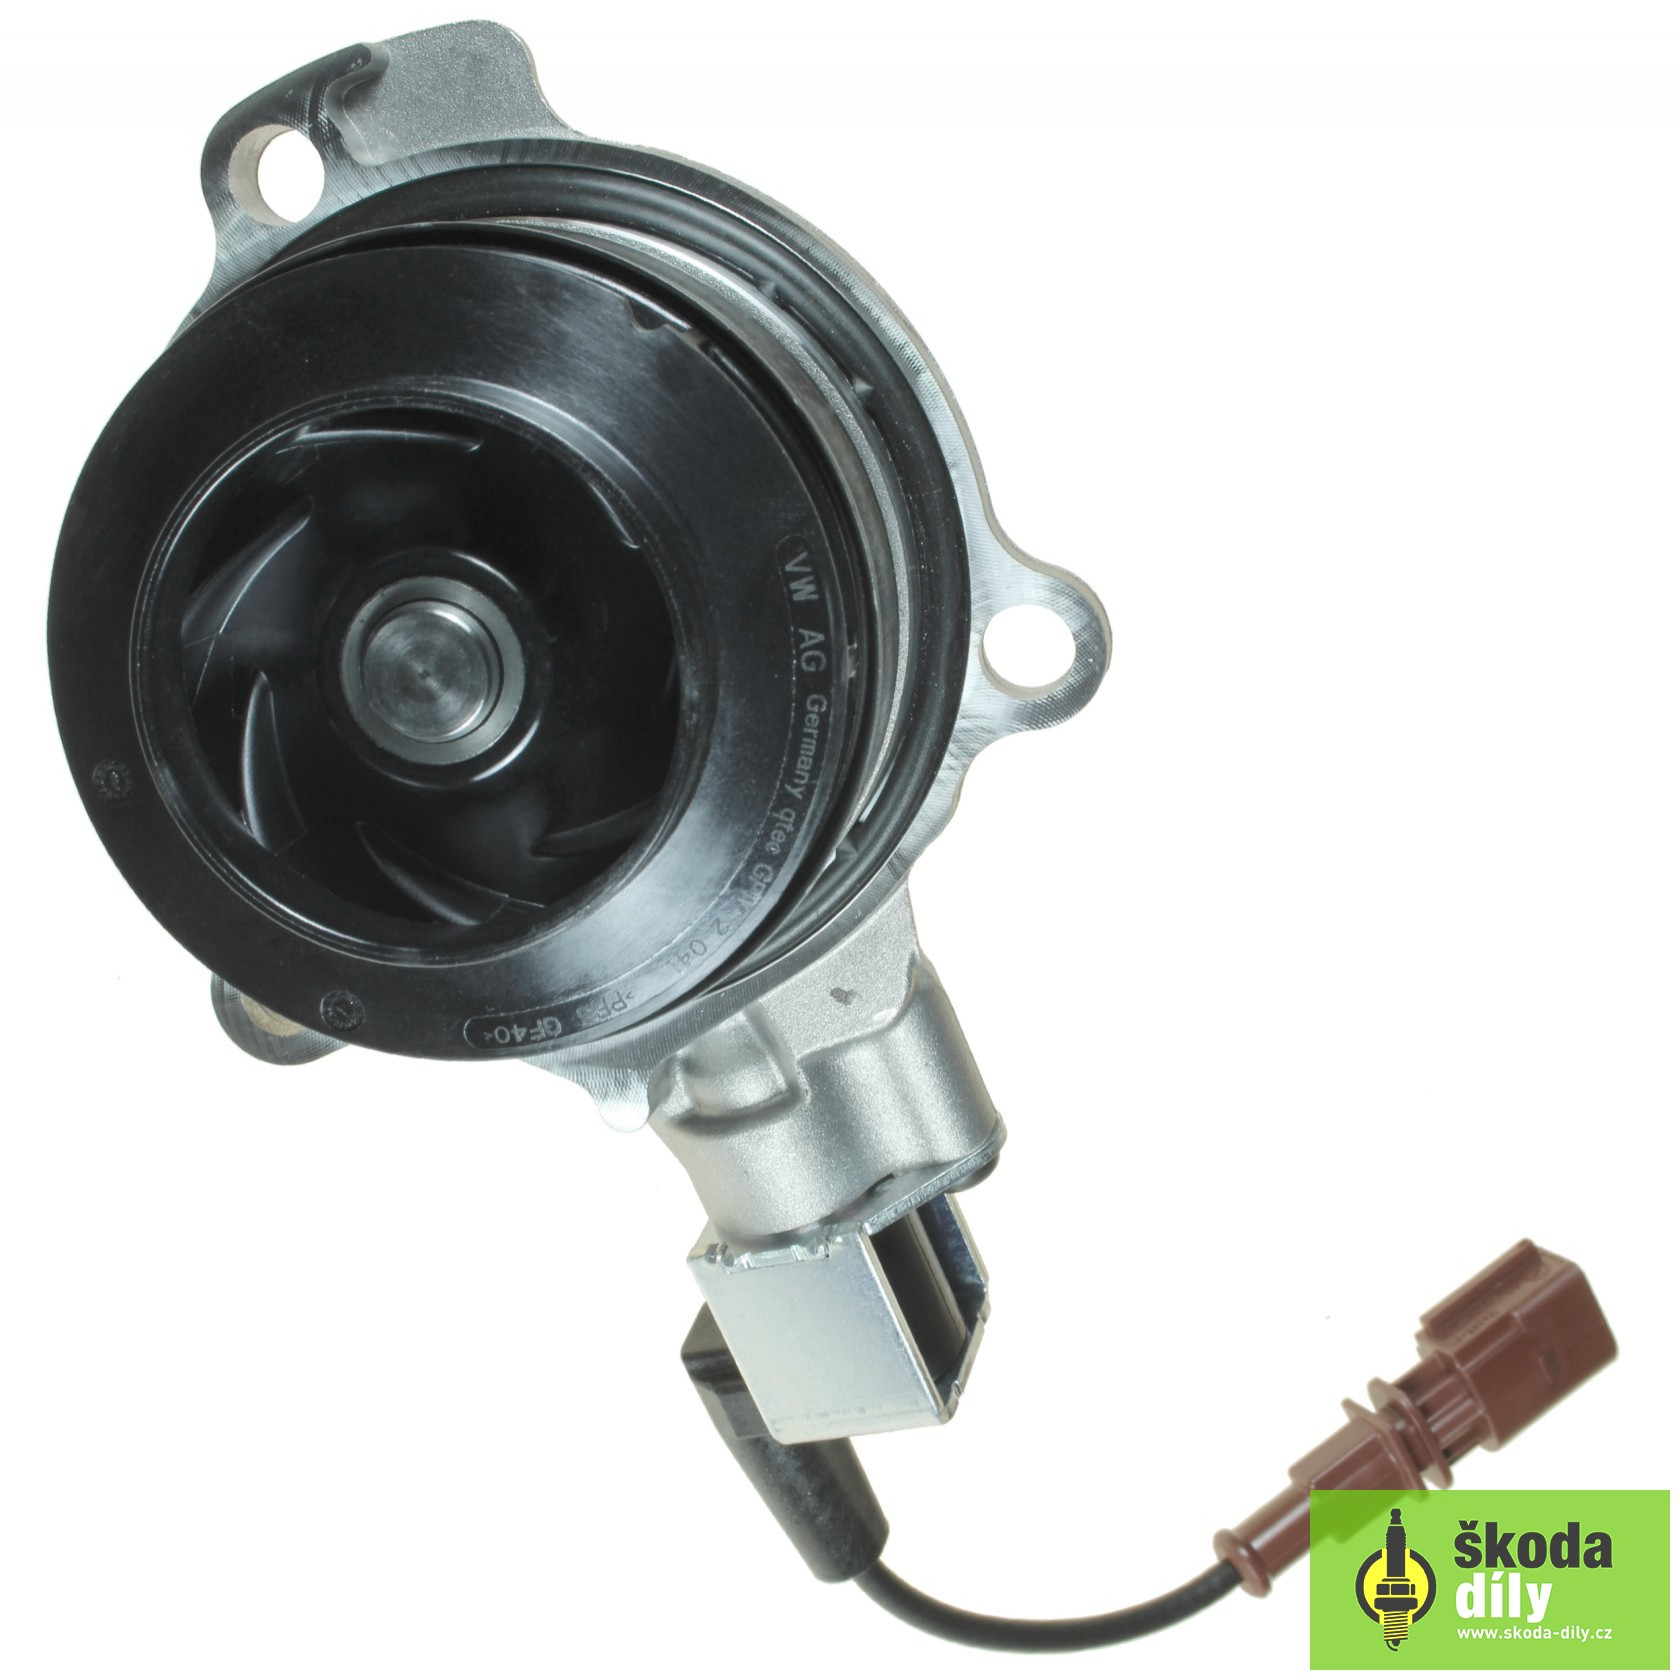 Coolant Pump Tdi Cr Koda 04l121011lx